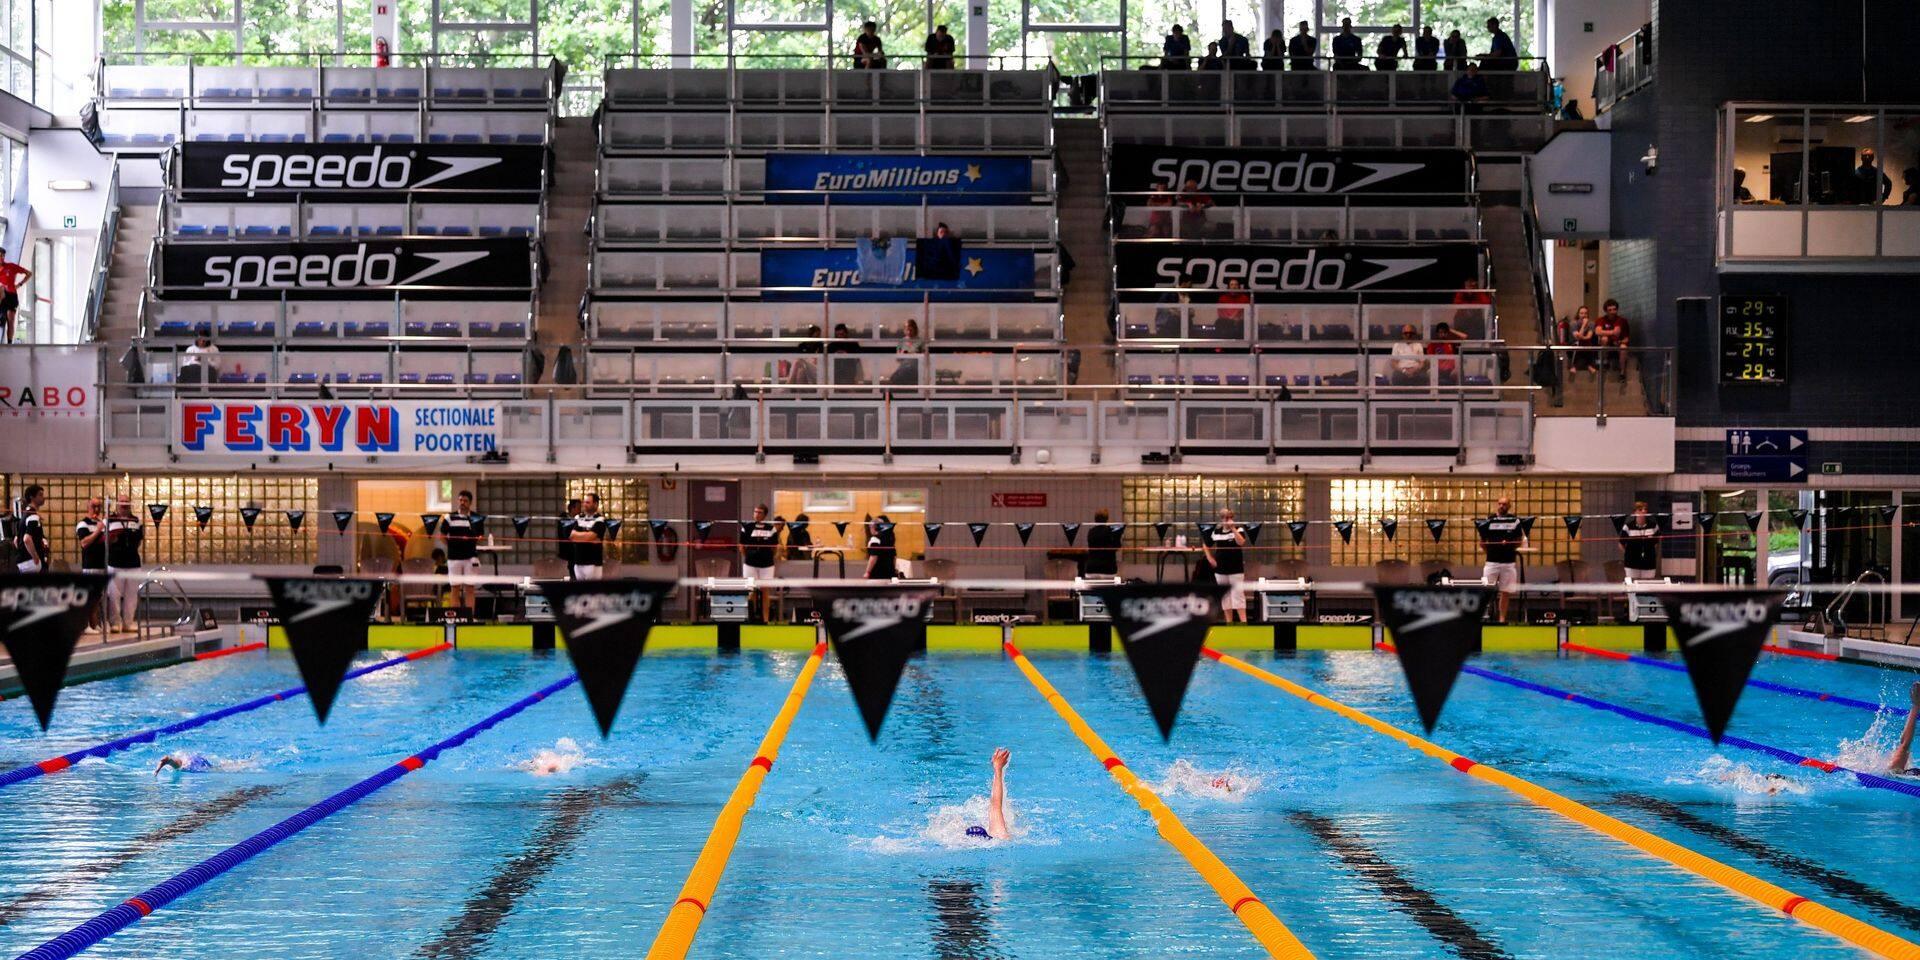 La délégation pour l'Euro de natation est quasi complète